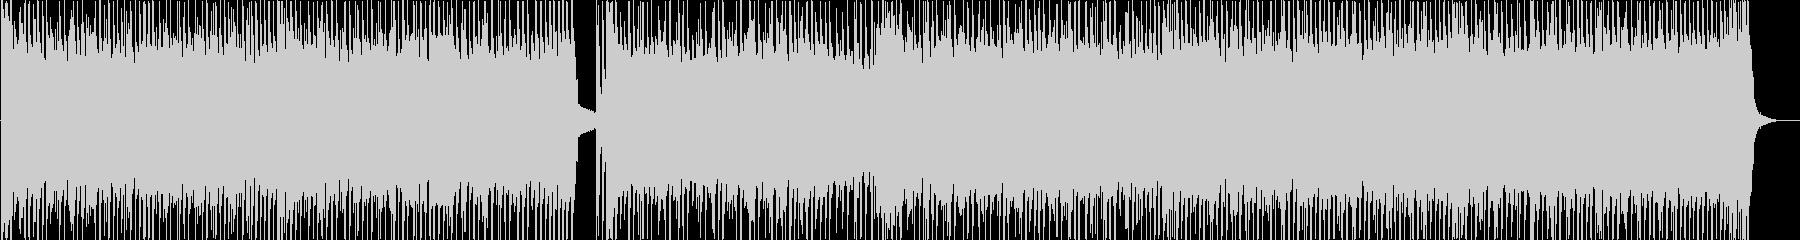 軽快で勢いあるピアノとエレキサウンドの未再生の波形